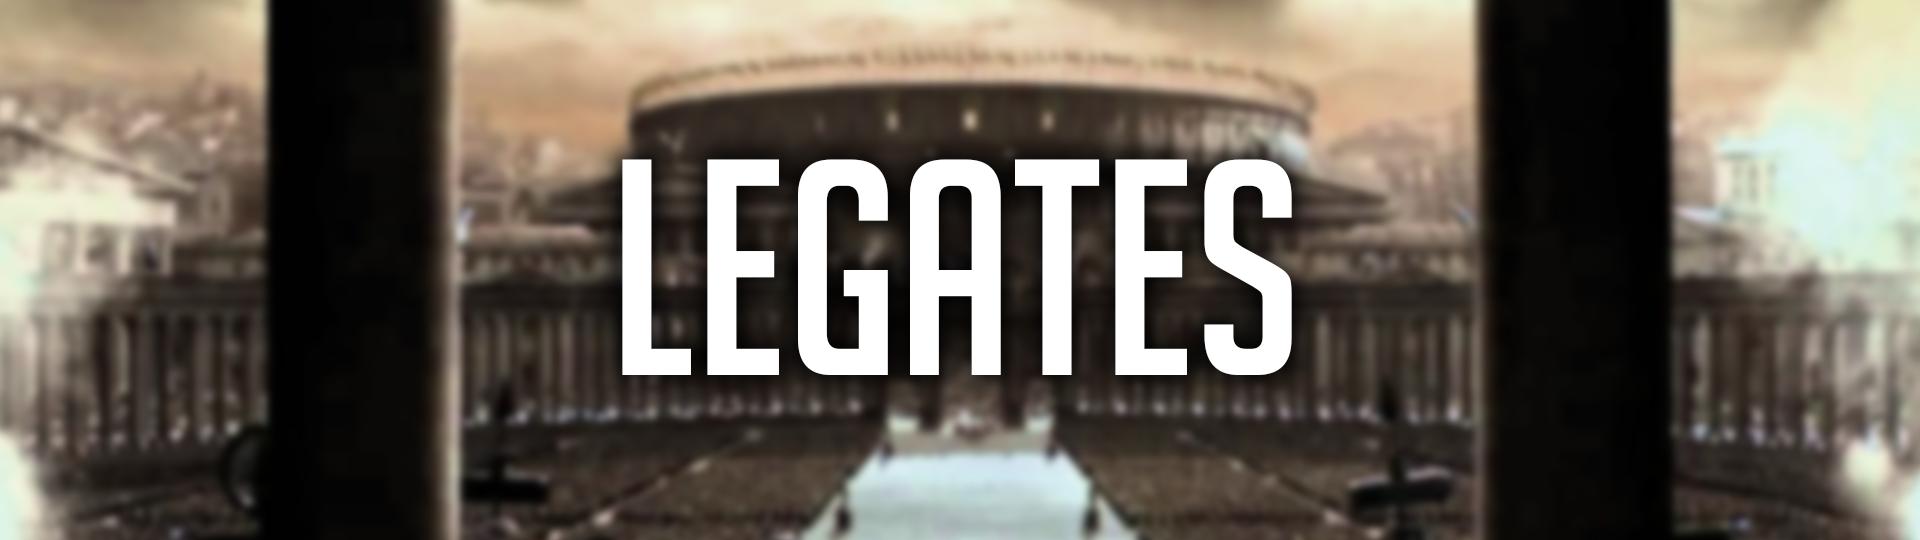 Legates Banner 2.png